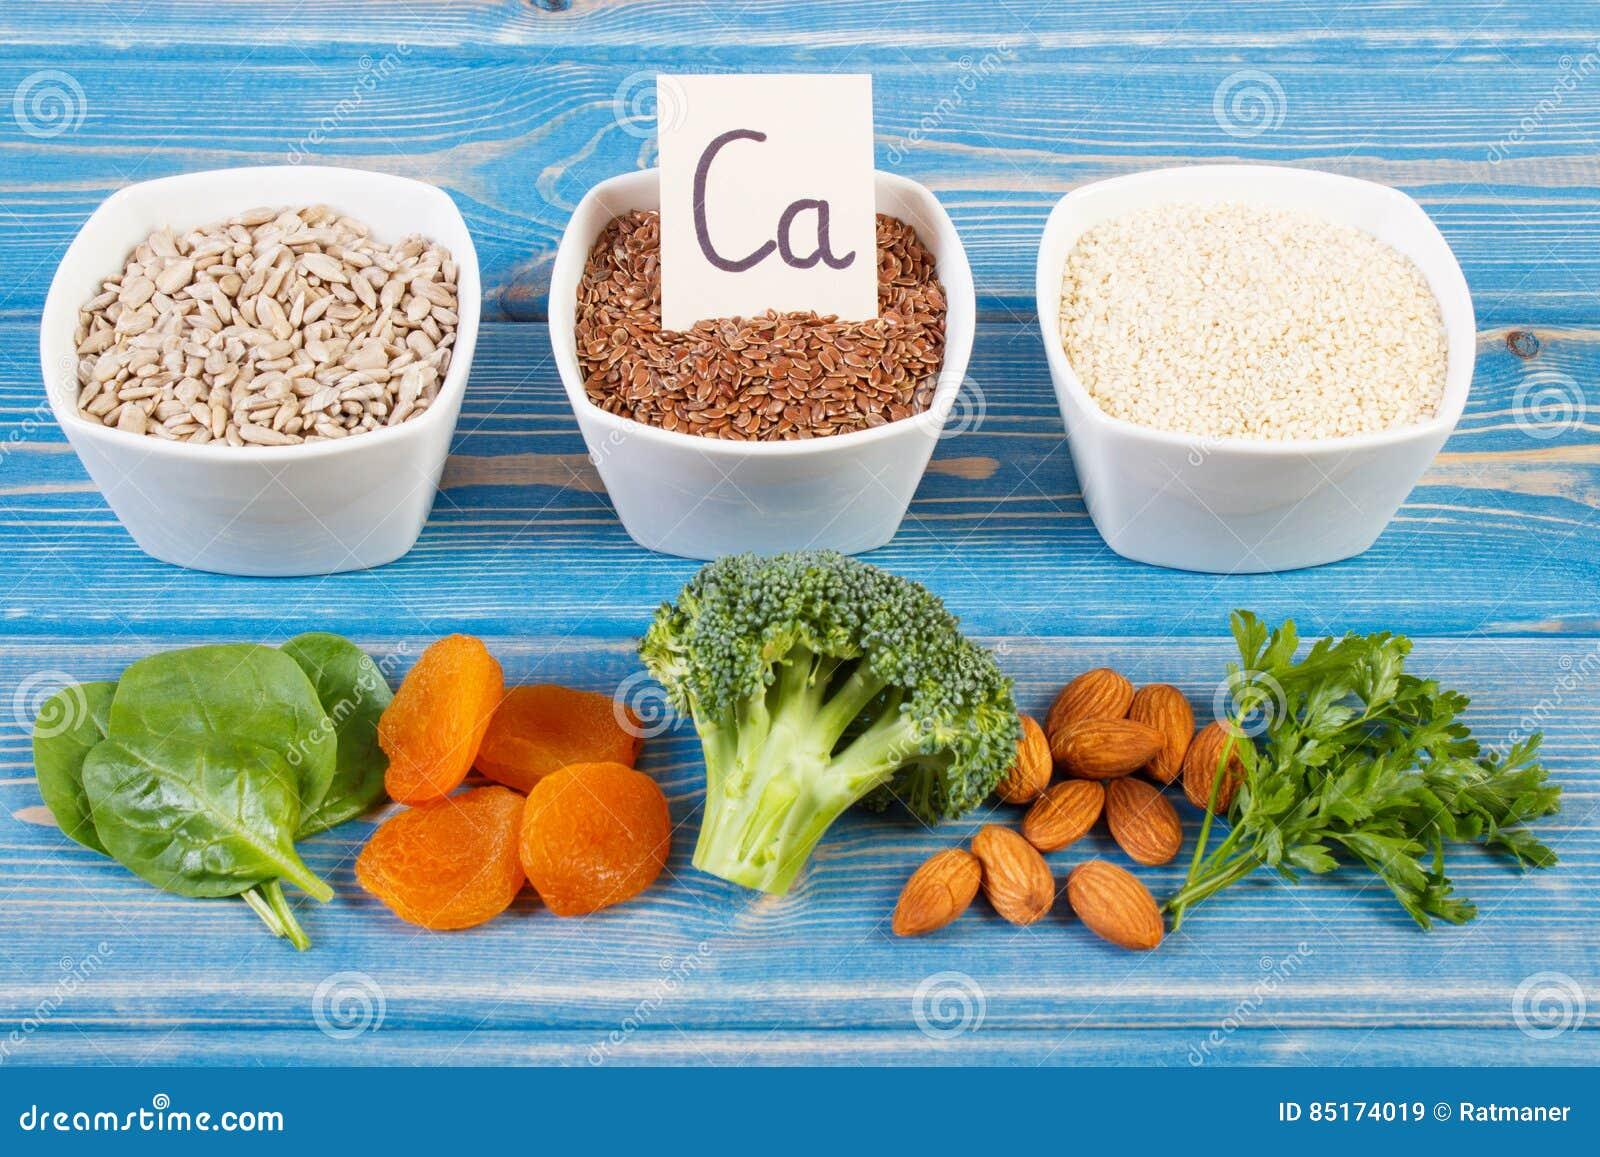 Προϊόντα και συστατικά που περιέχουν το ασβέστιο και την τροφική ίνα, υγιής διατροφή